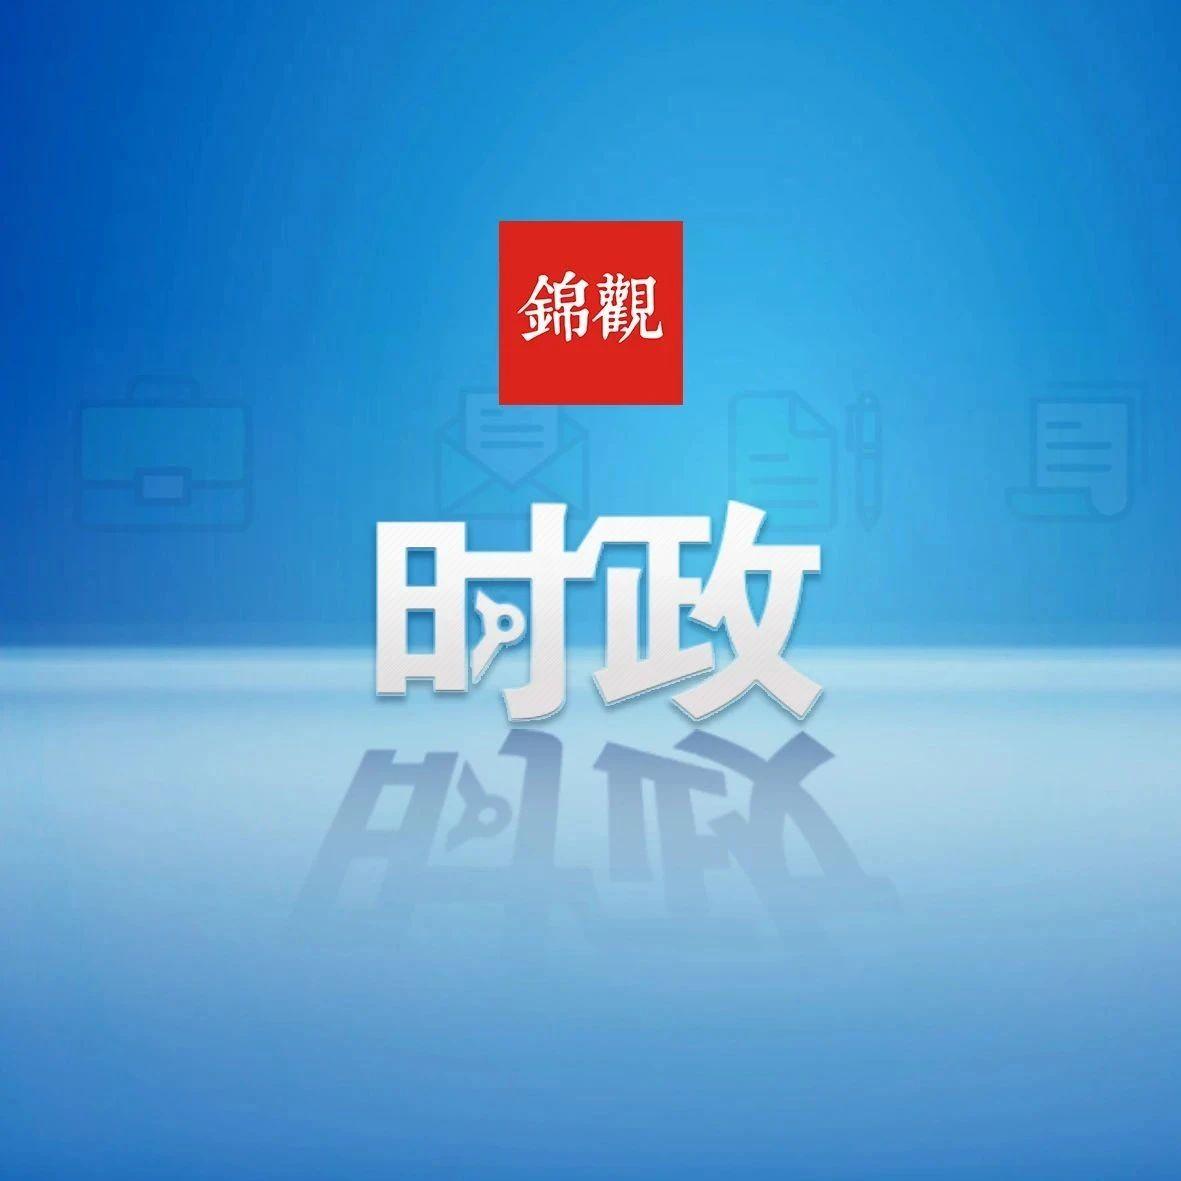 市委决定:提名陈大用同志任大邑县人民政府县长